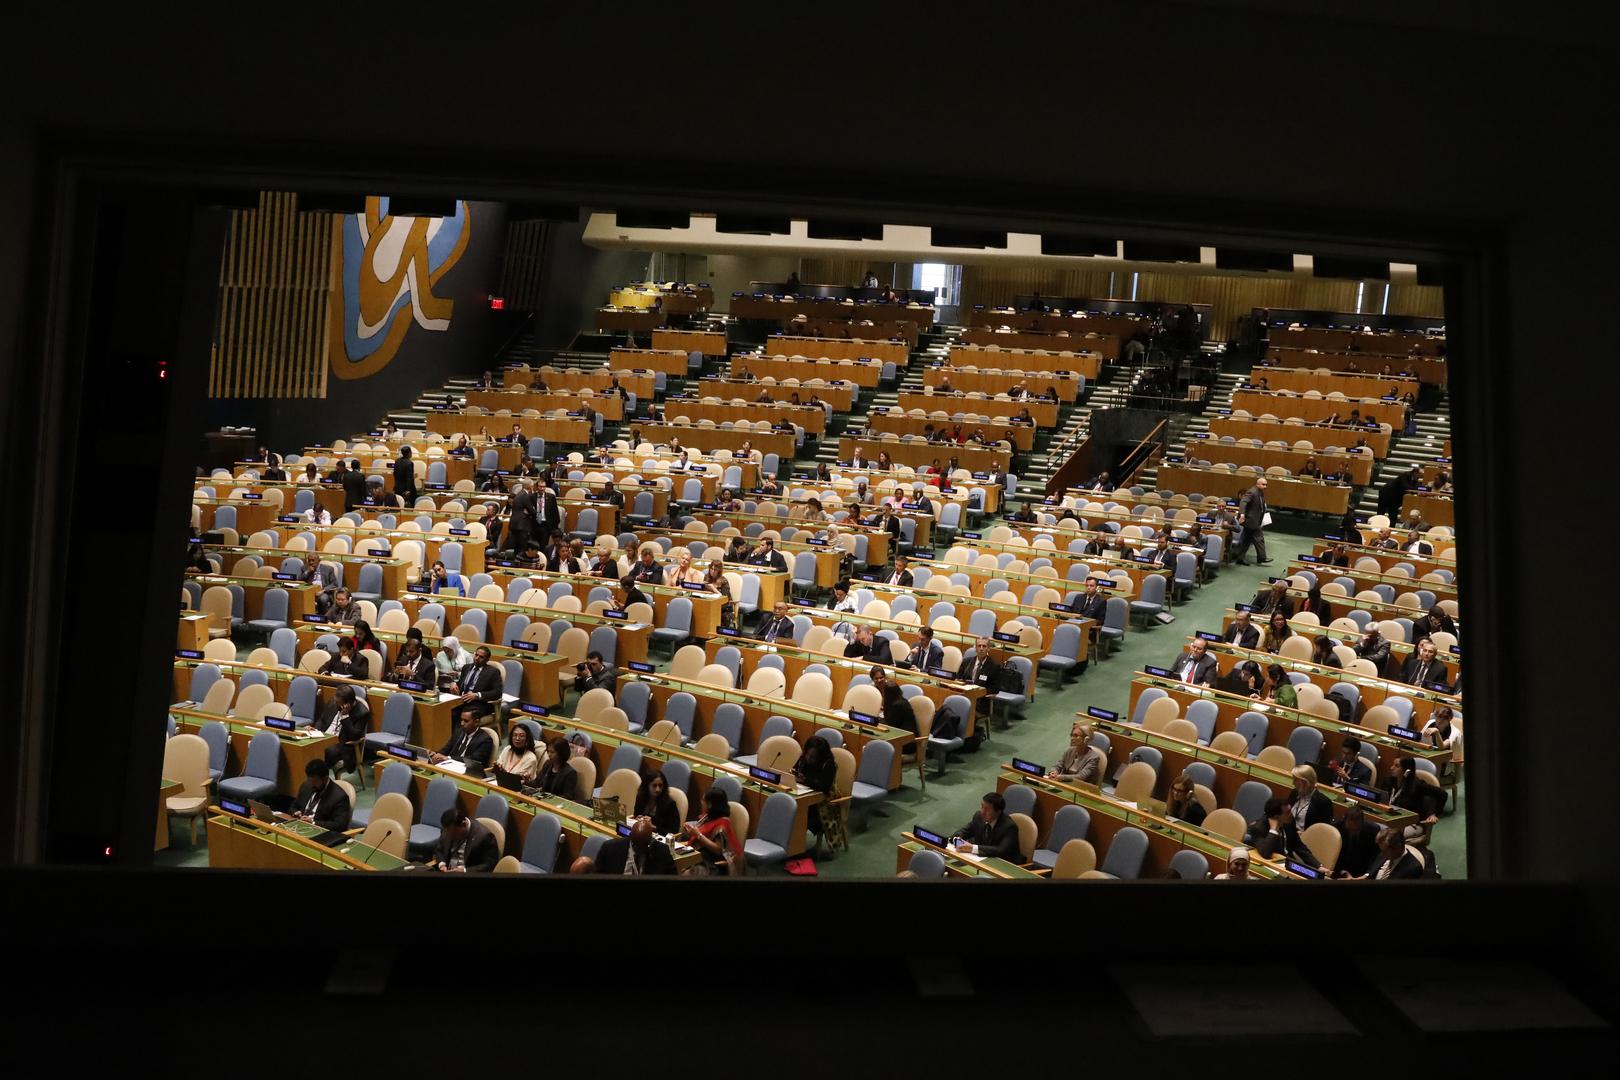 جلسة للجمعية العامة للأمم المتحدة